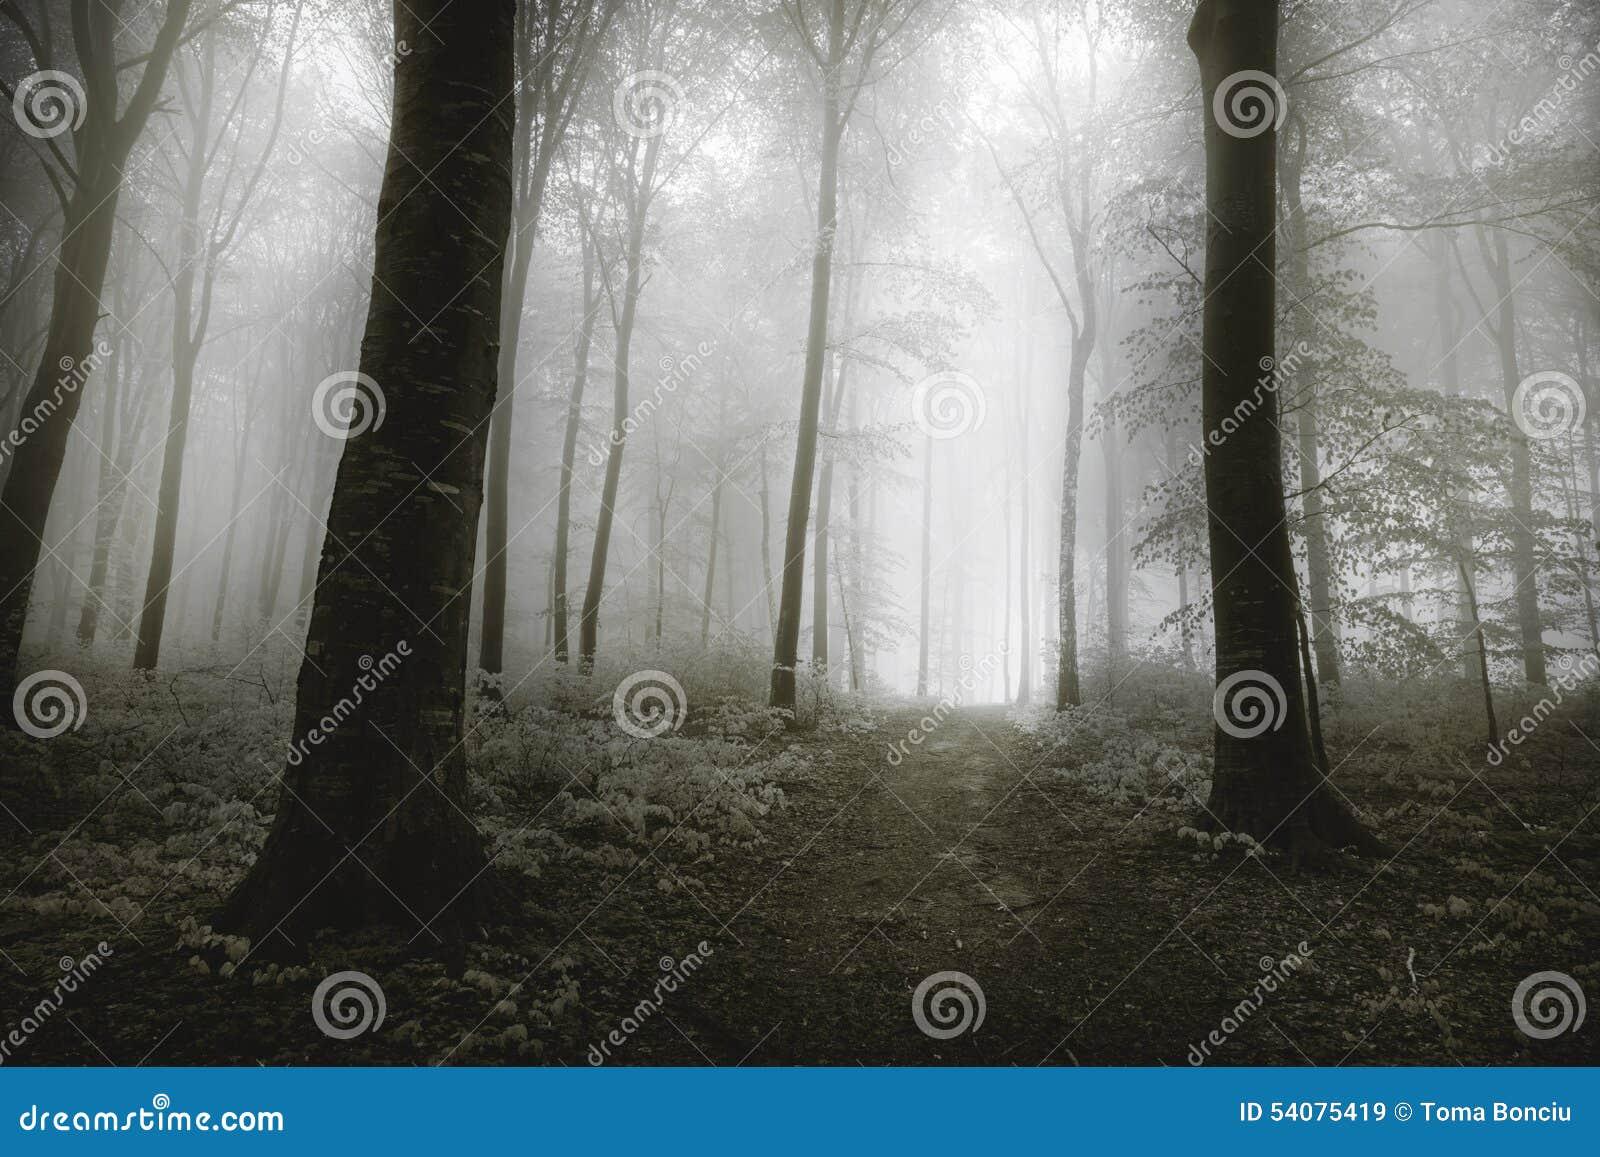 Donkere bomen met zichtbare wortels in een bos met mist